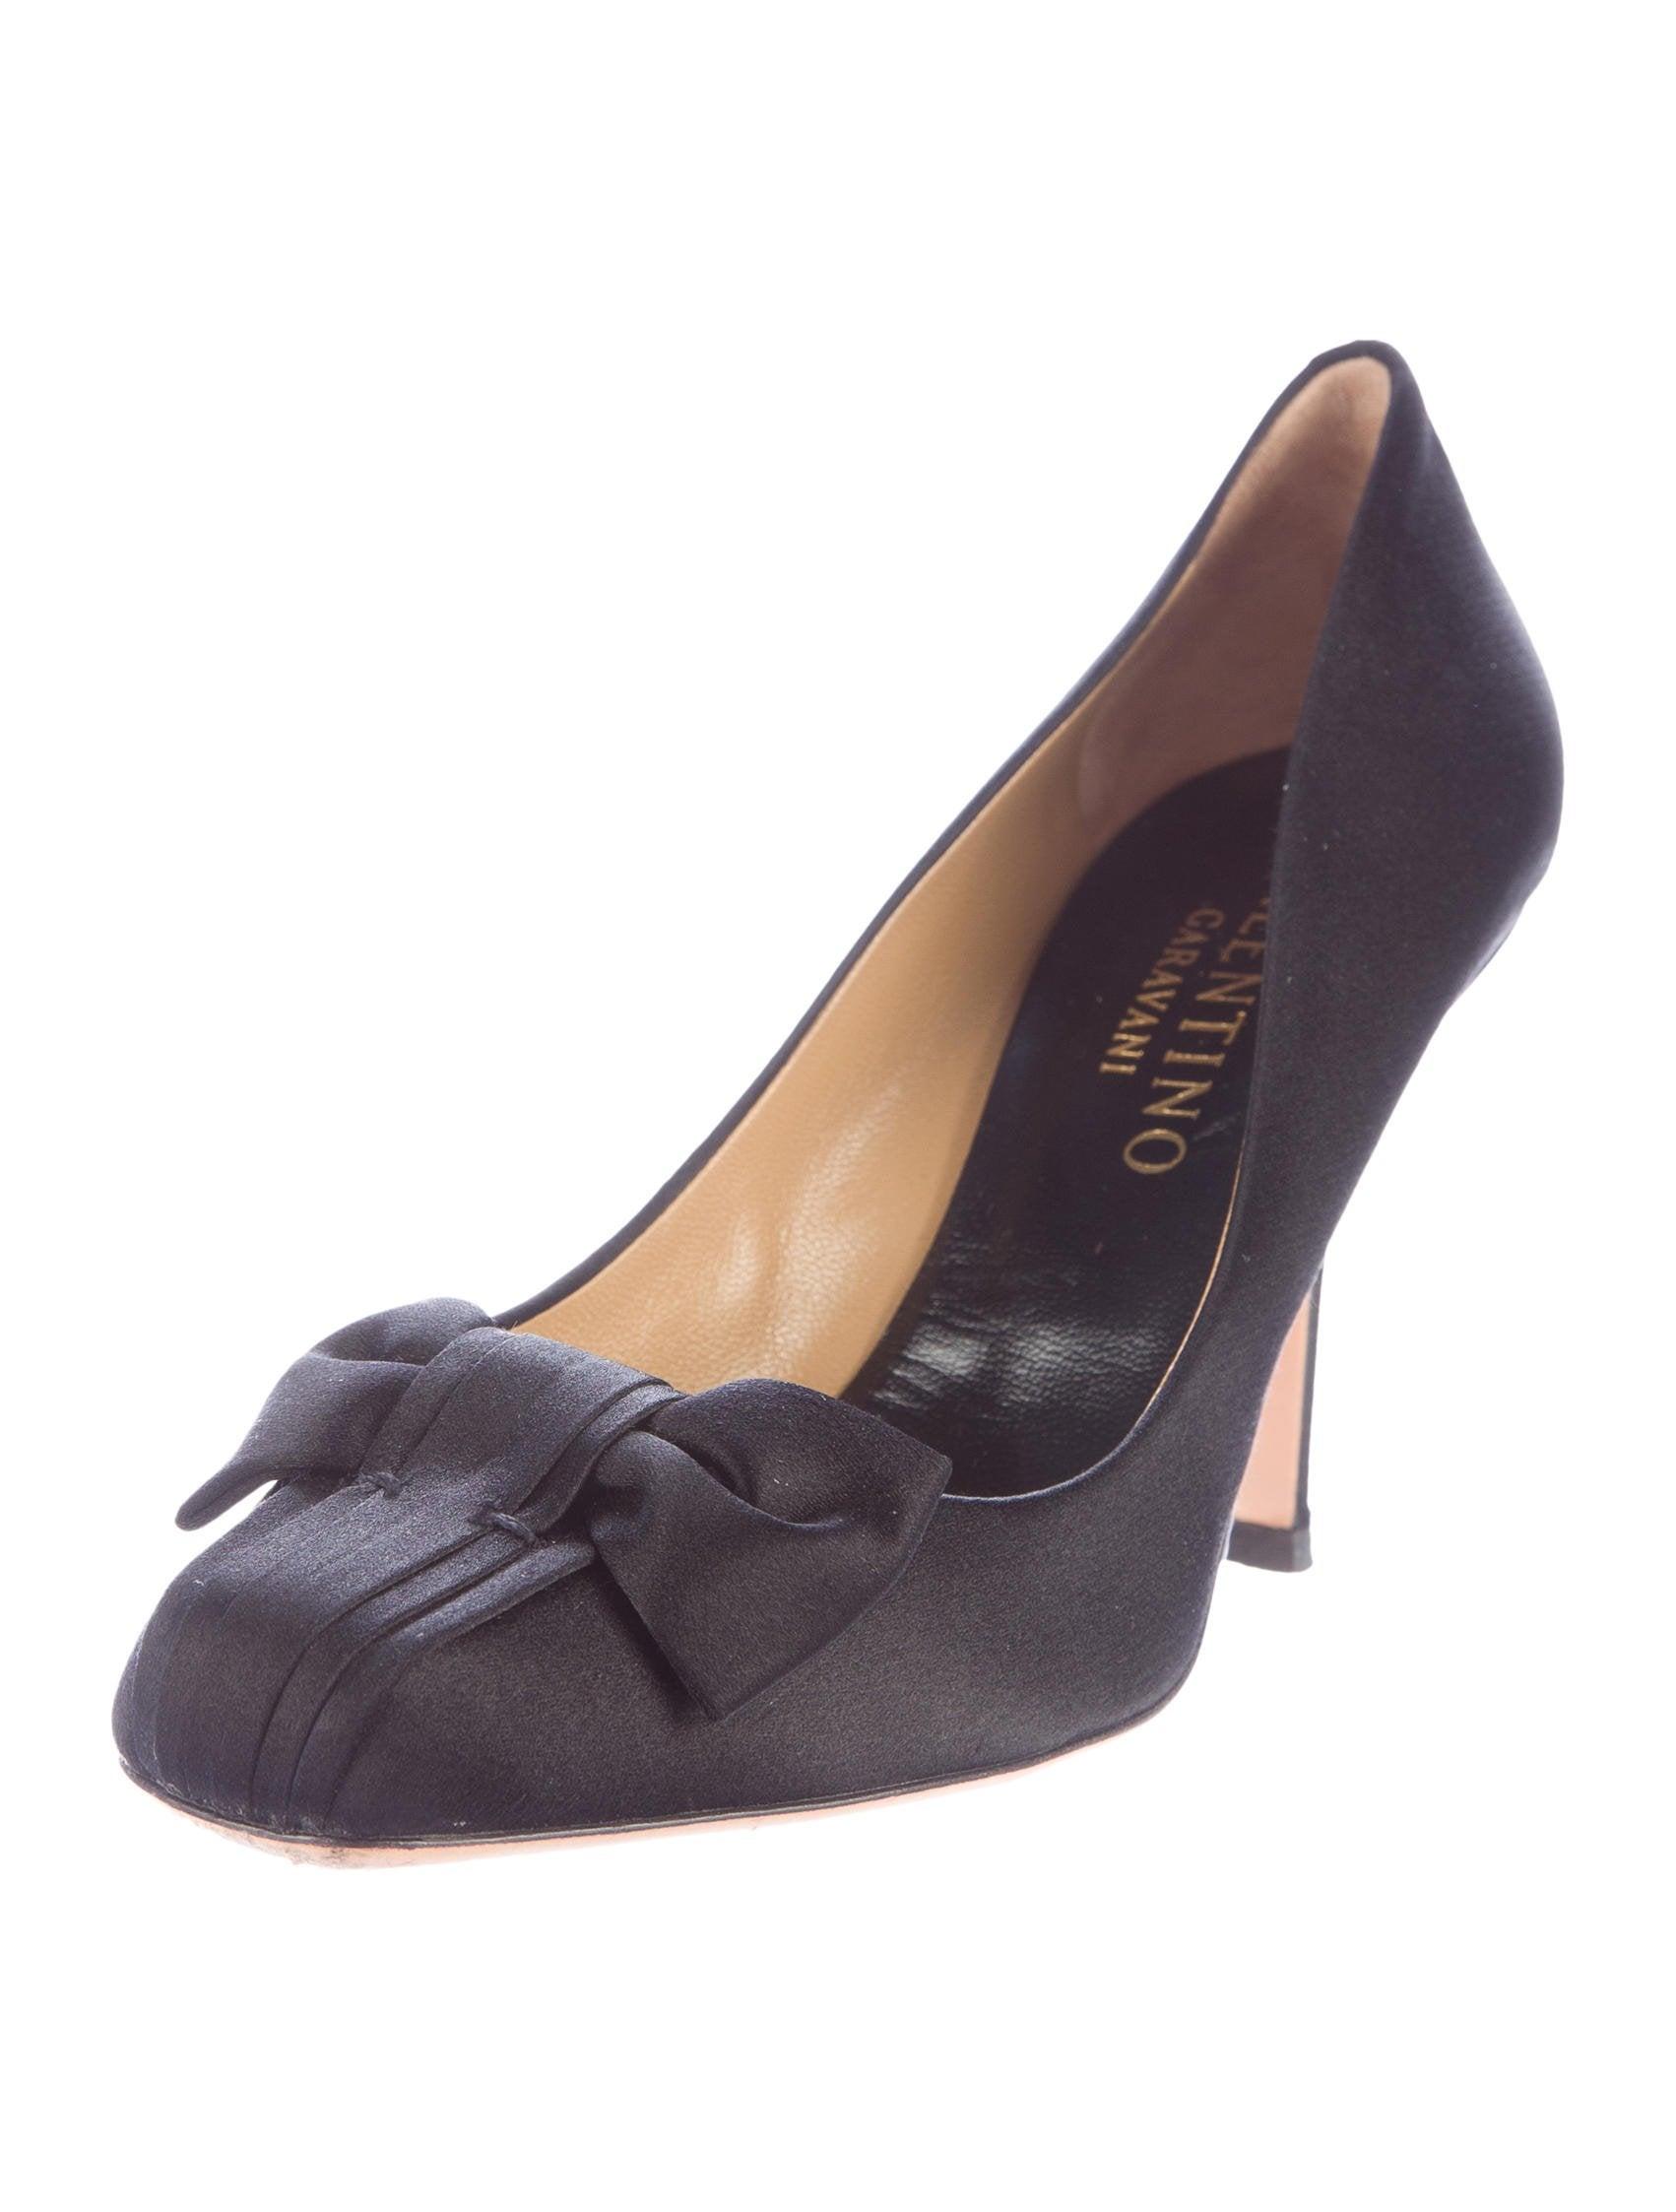 Marian Rivera suot ang sapatos na ginawa ng Valentino ...